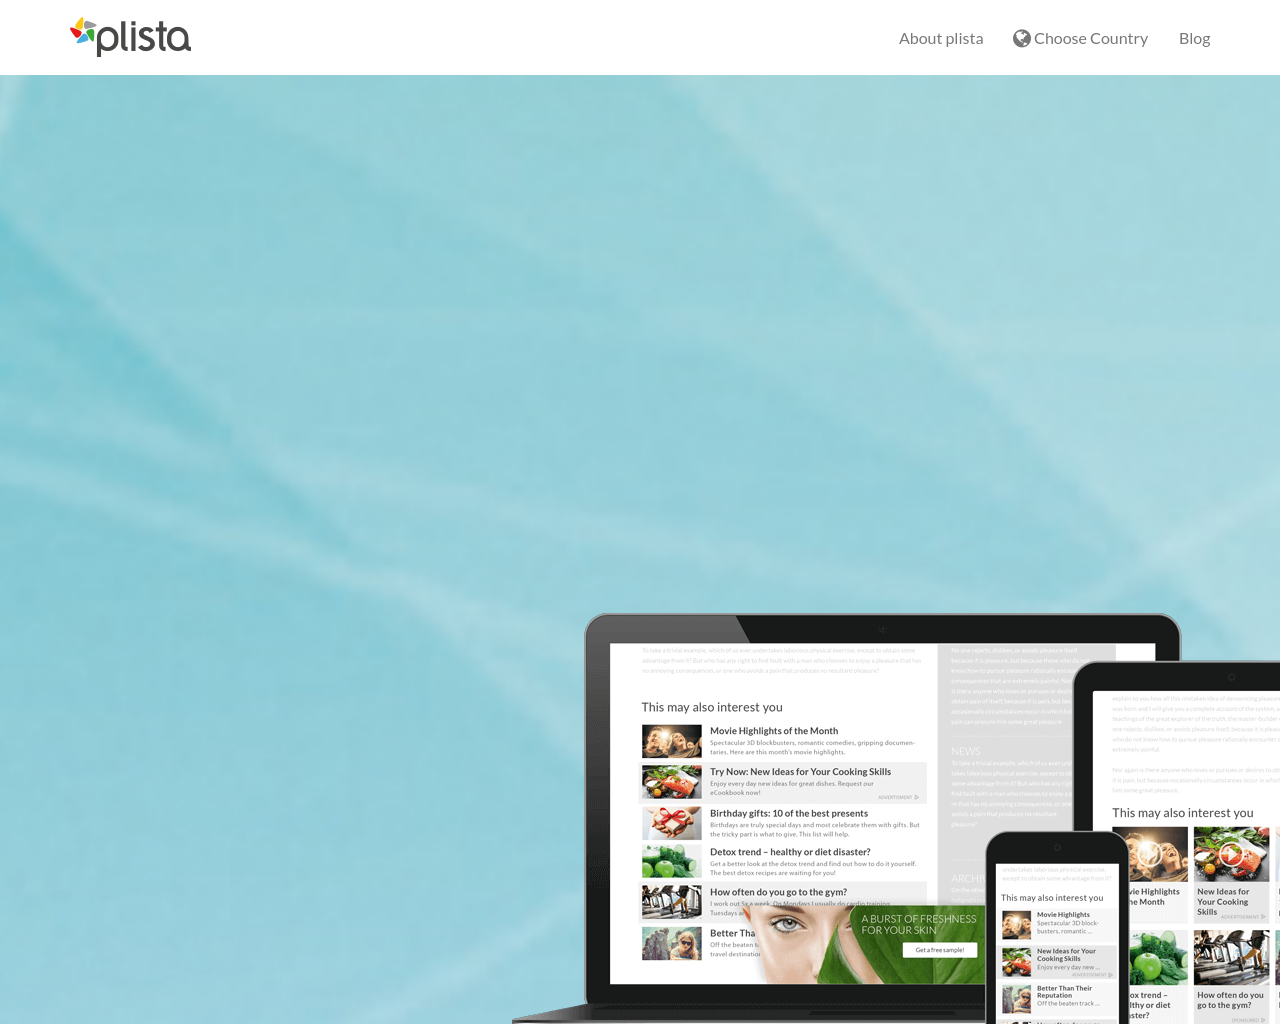 Plista-Advertising-Reviews-Pricing